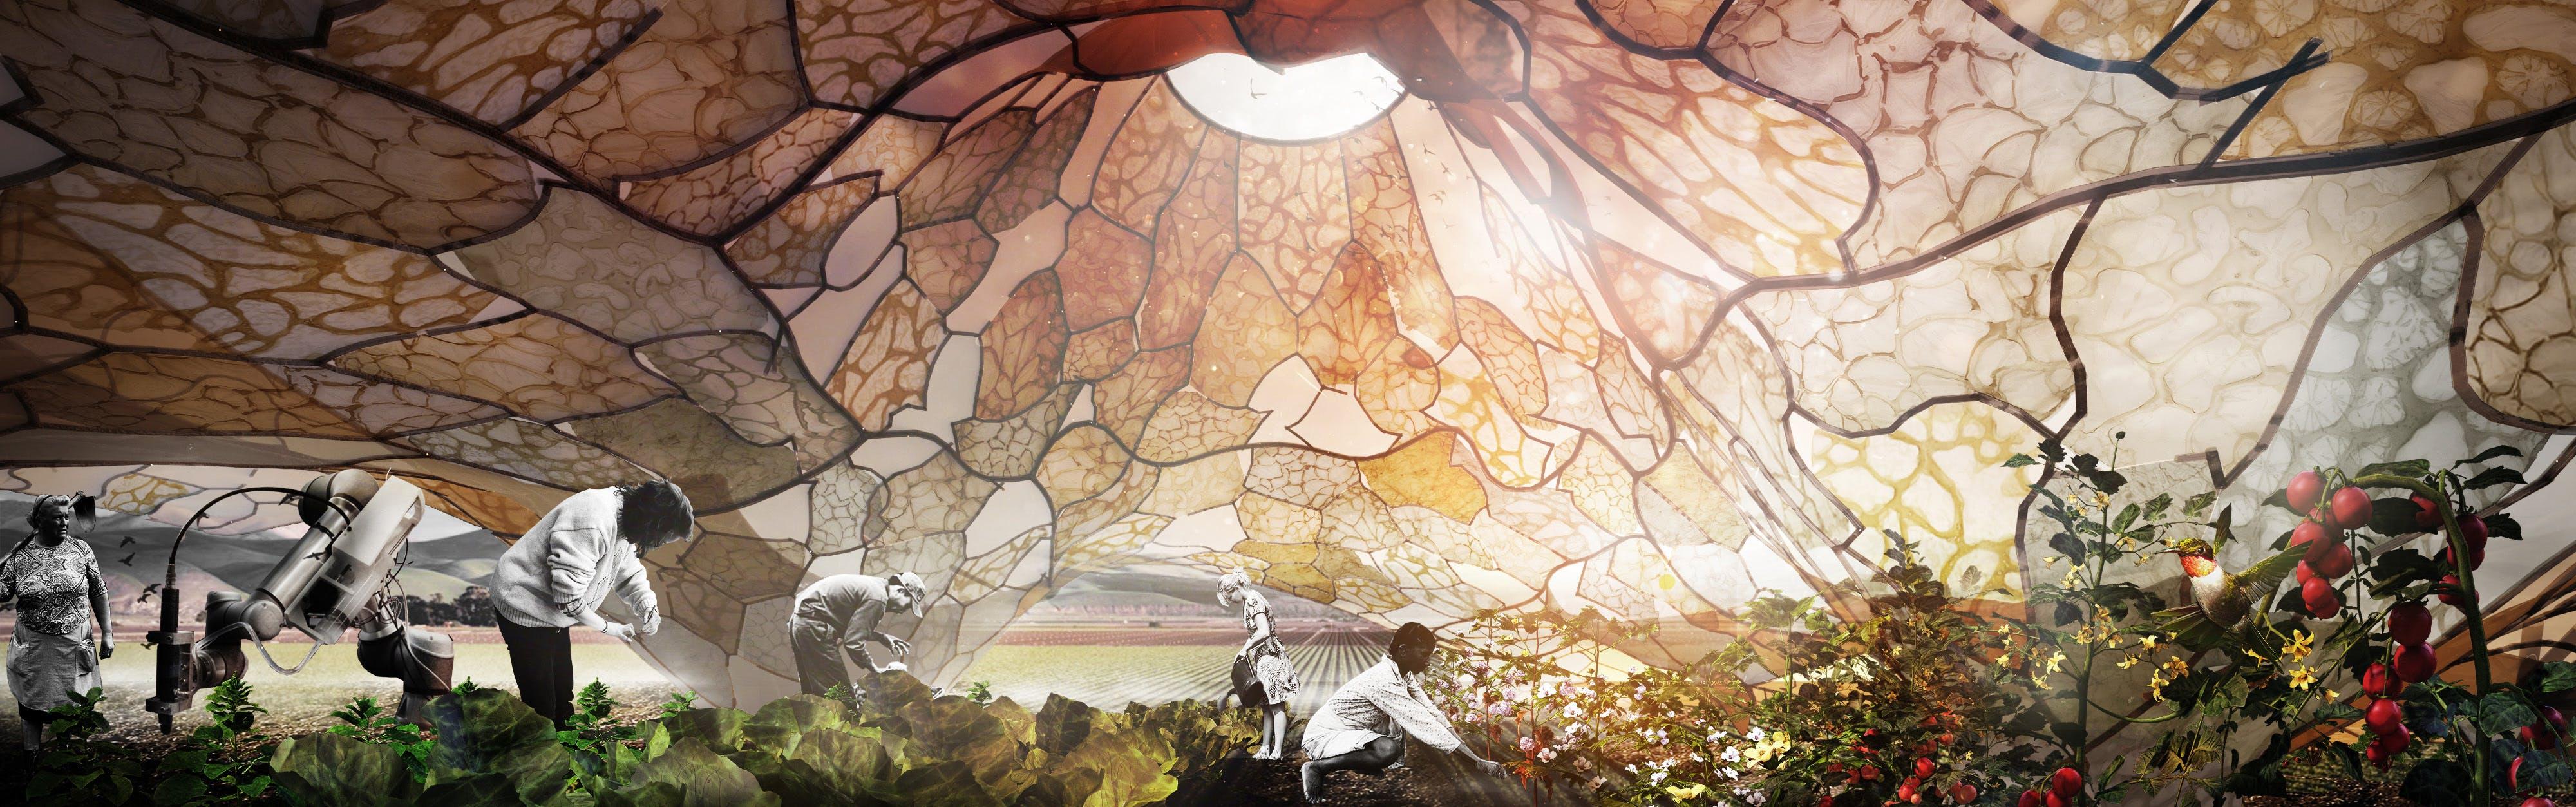 Bioplastikfilm kan bruges til at beskytte planter i overdækkede landbrug. Det er en af de nye klimaløsninger, der bliver udstillet på KADK – Det Kongelige Danske Kunstakademis Skoler for Arkitektur, Design og Konservering. Foto: KADK